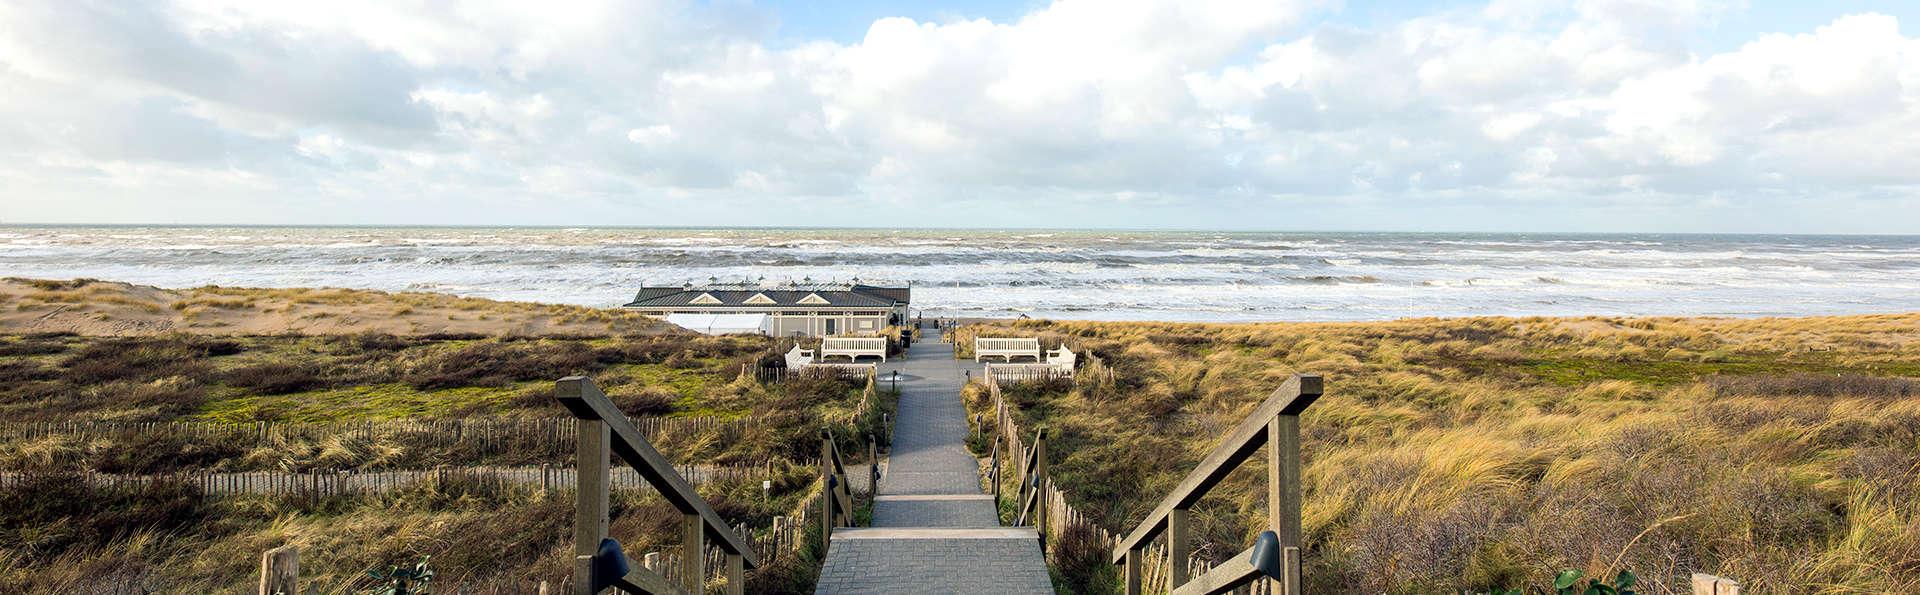 Luxe, bien-être et confort à Noordwijk aan Zee